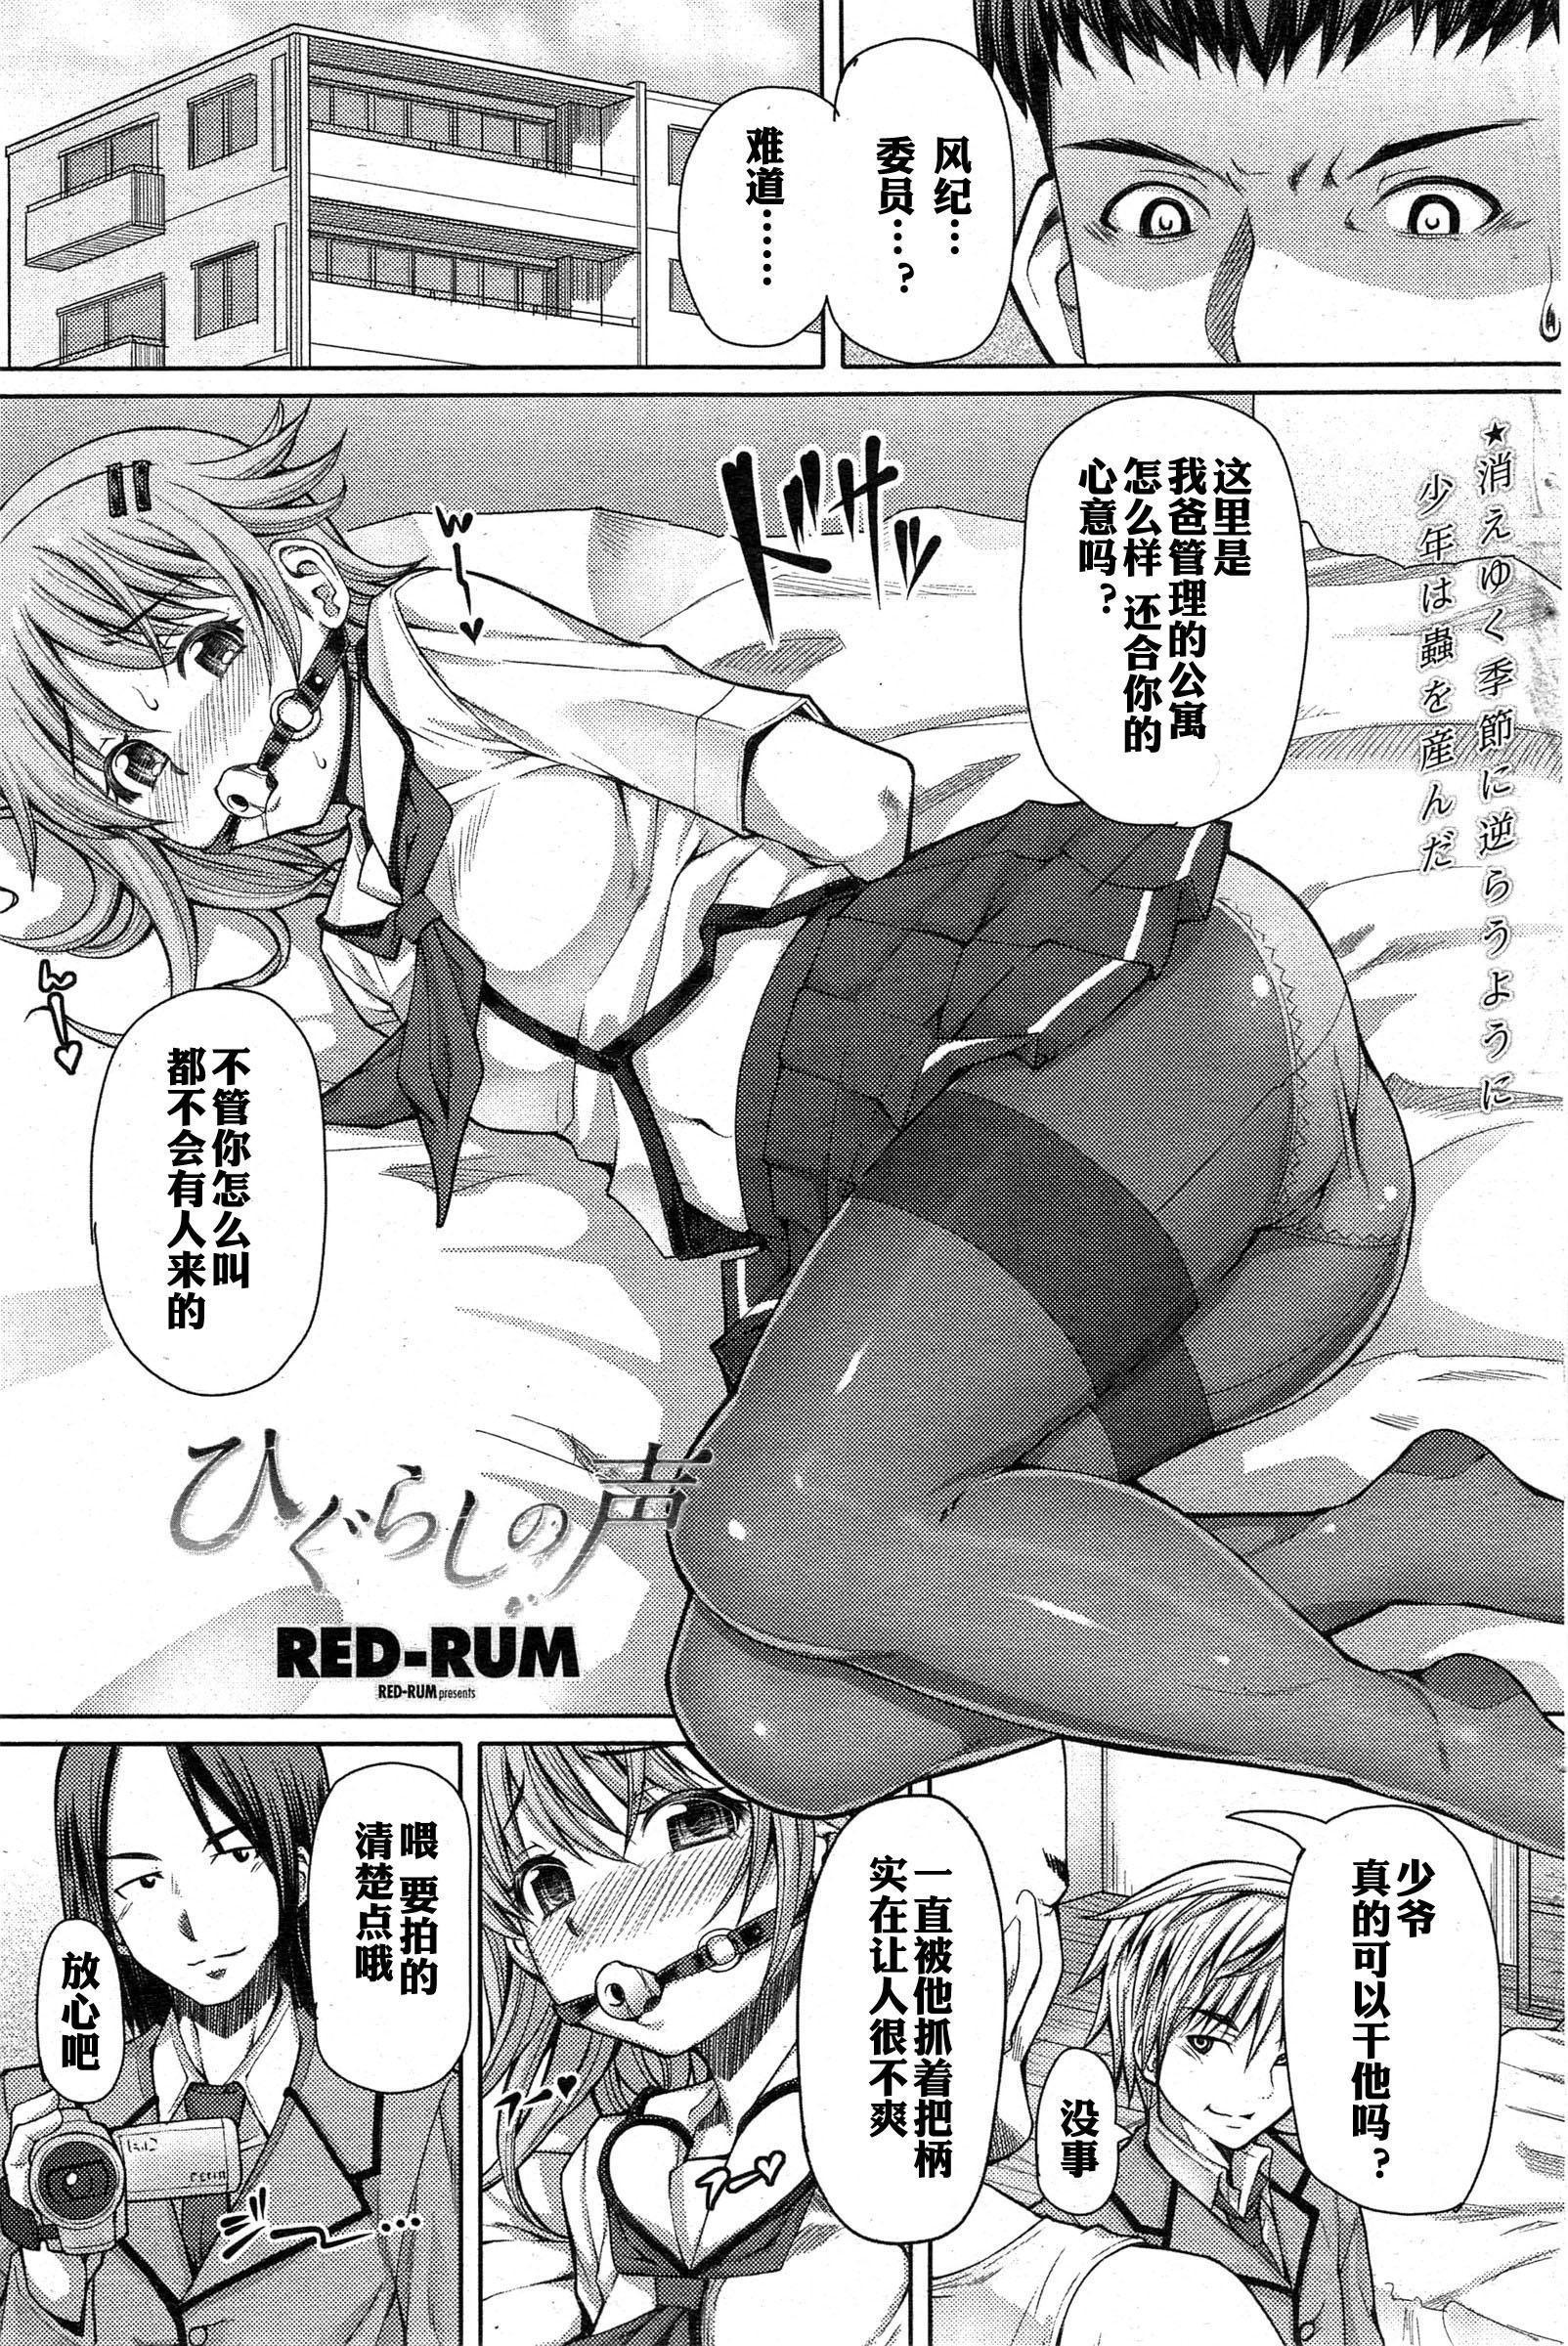 [RED-RUM] Houkago Shukujo-kai ~Sanshou Natsu~ + Higurashi no Koe [Chinese] [空想少年汉化] [Incomplete] 13